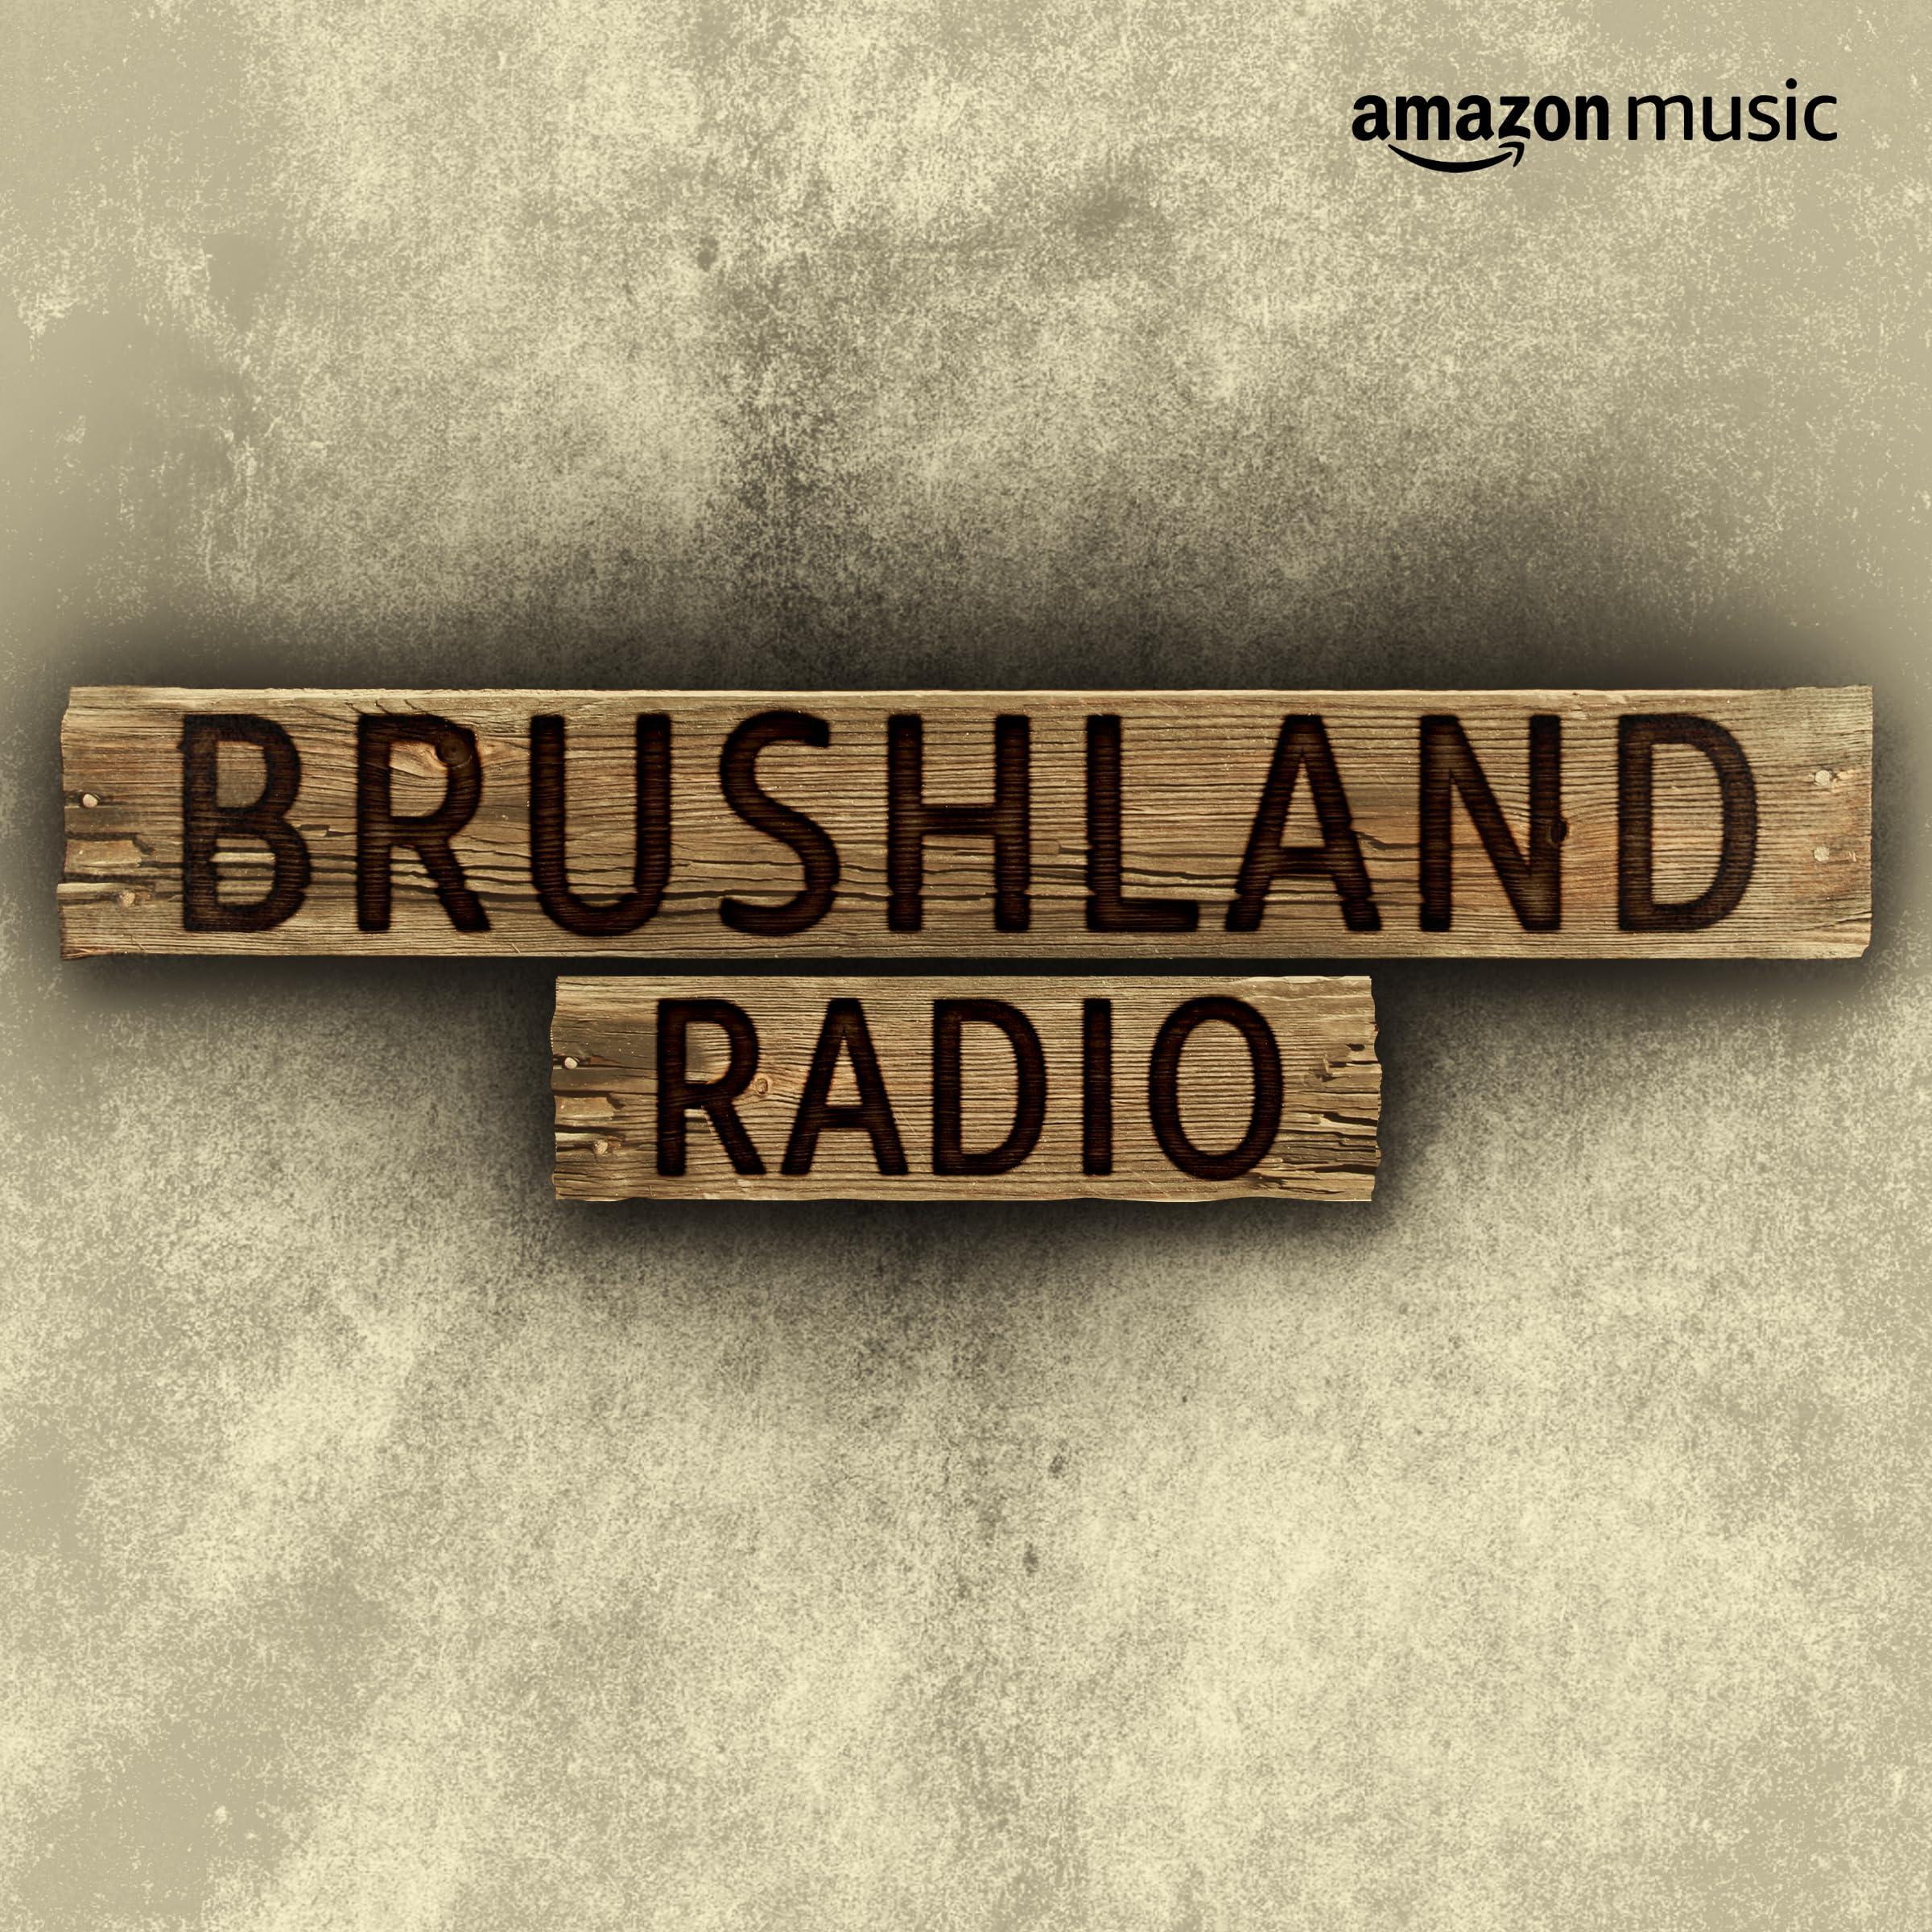 Brushland Radio